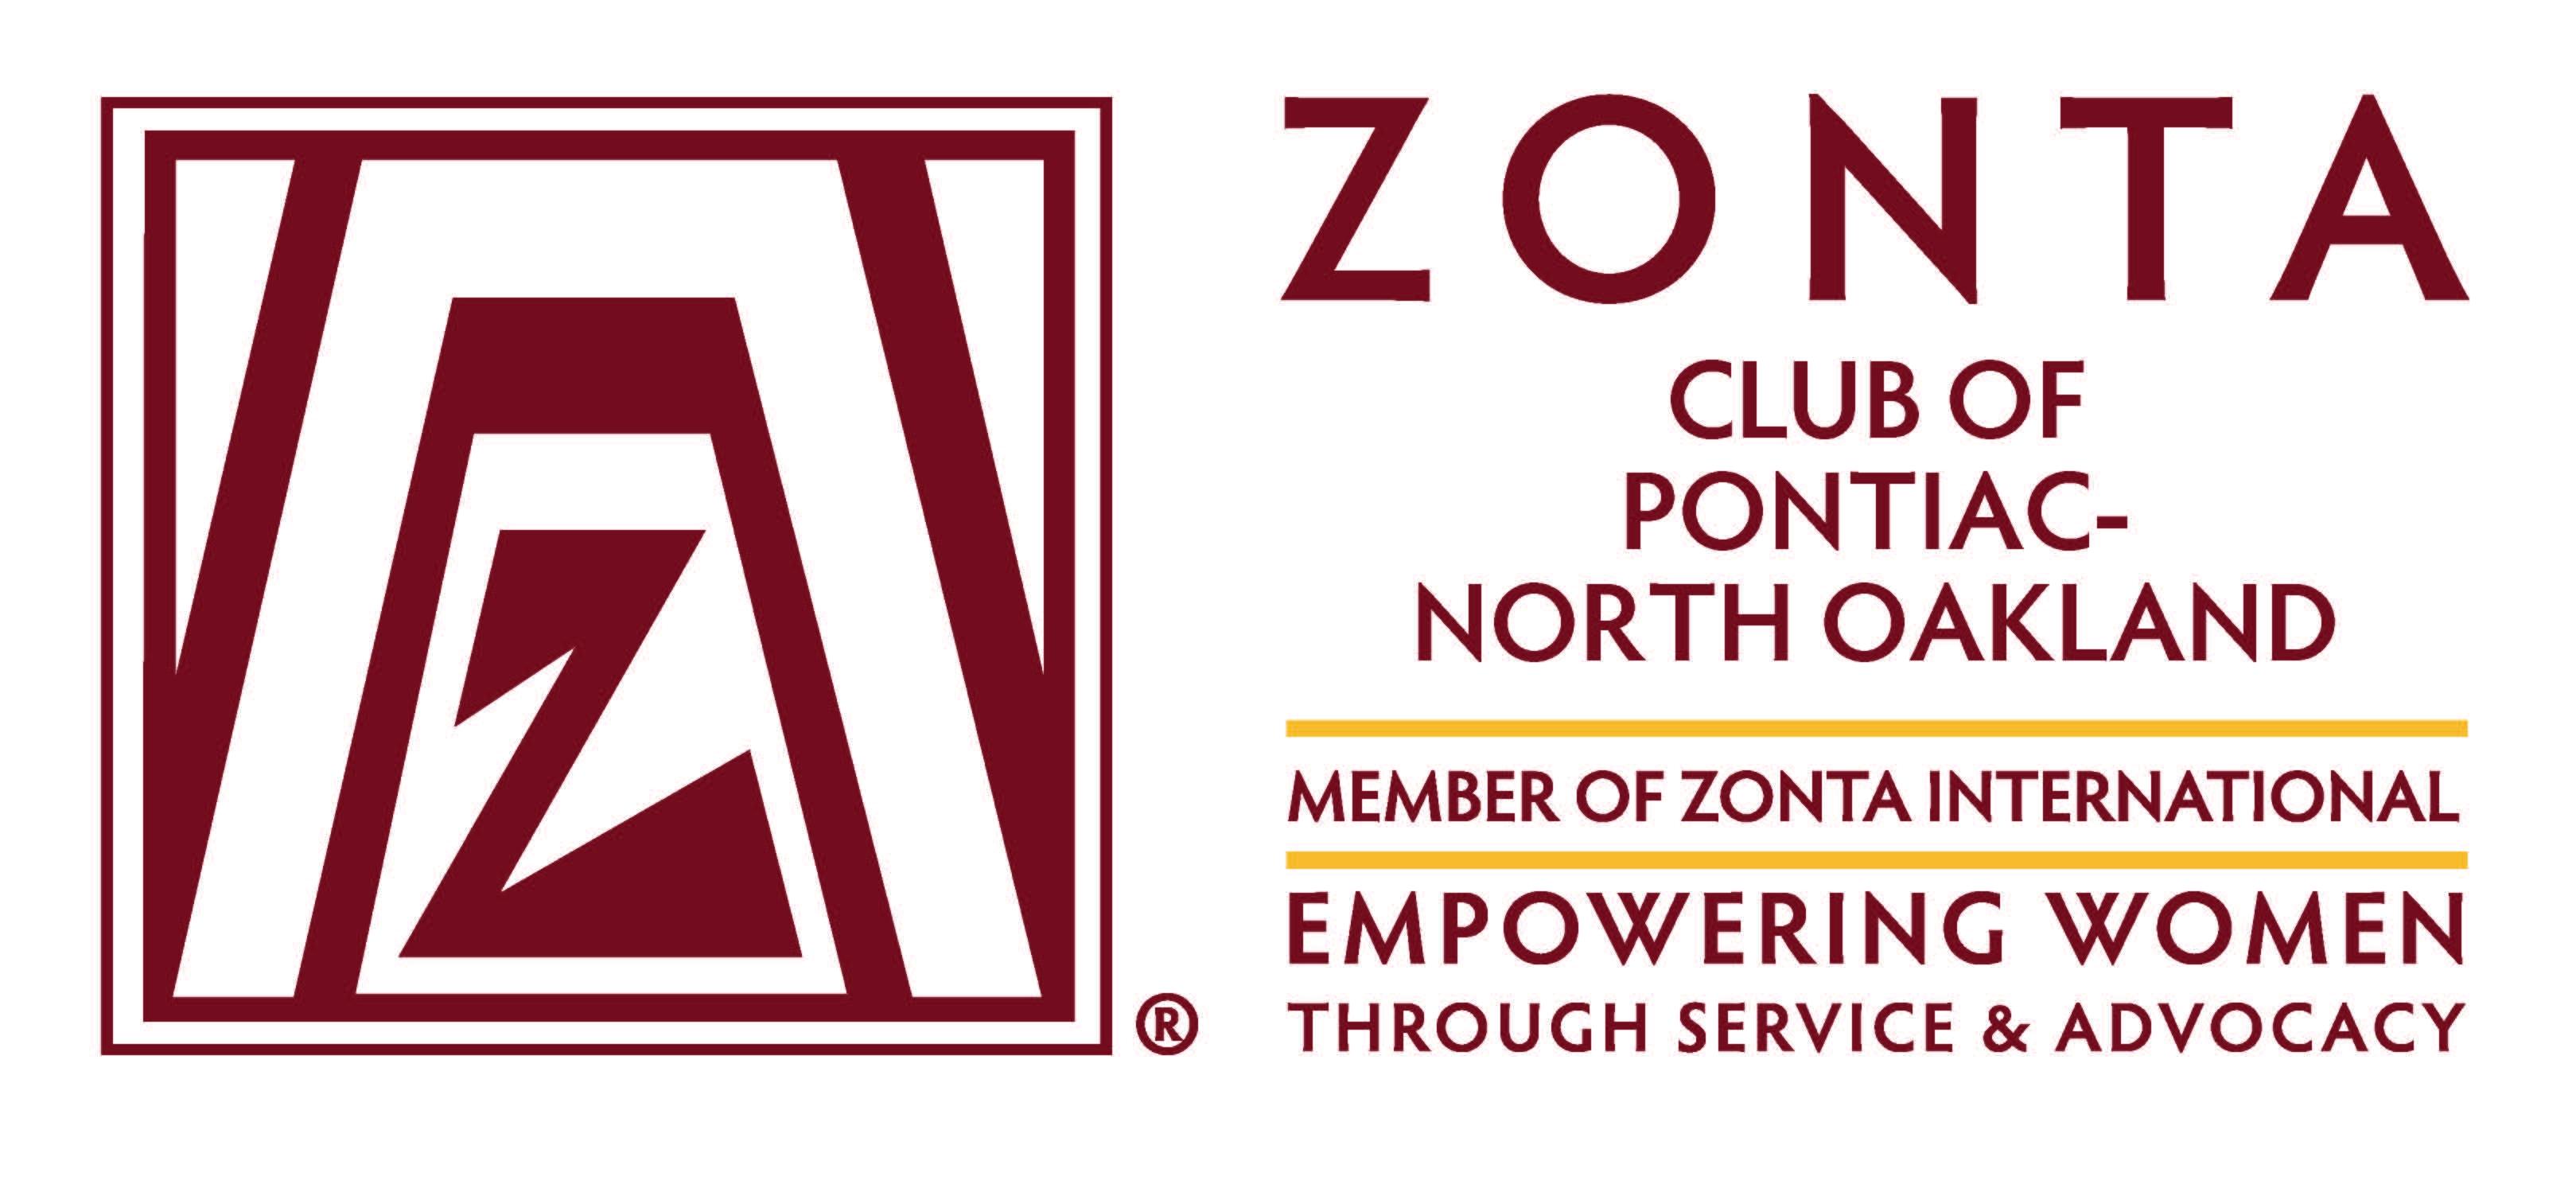 Zonta Club Logo_Horizontal_Color_PONTIAC-NORTH OAKLAND